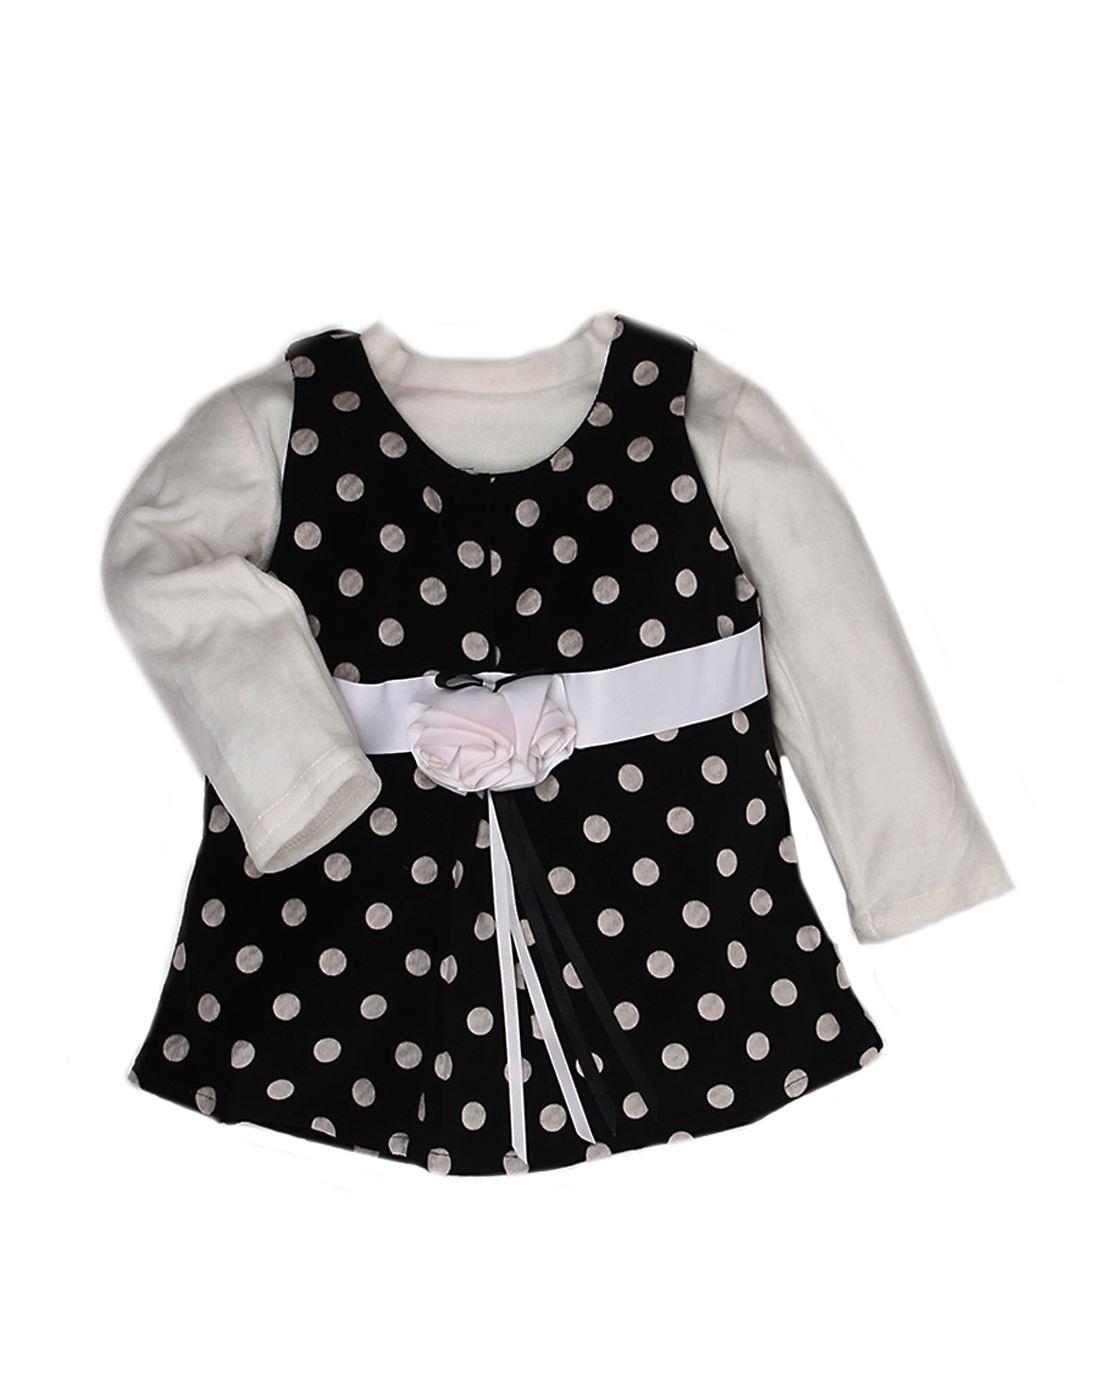 K.C.O 89 Girls Casual Printed Full Sleeve Dress